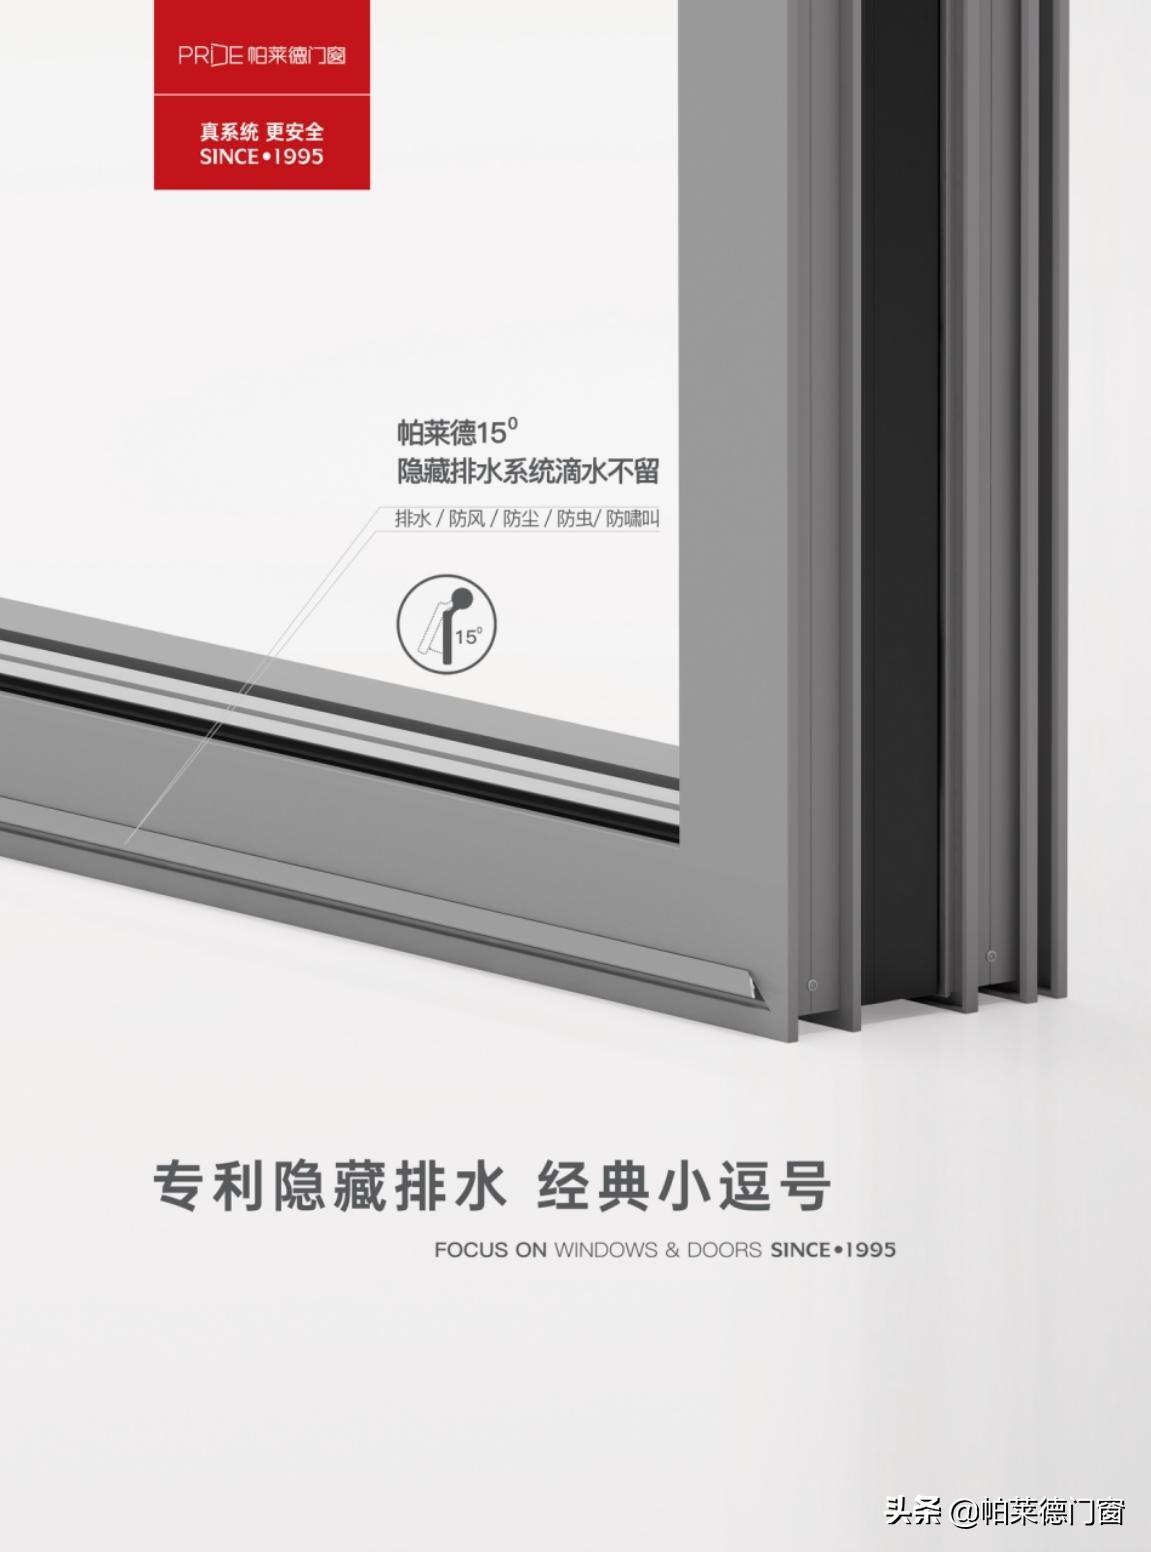 三贡紫外线灯无影胶水光固化灯UV灯玻璃手机壳柜子家具365nm